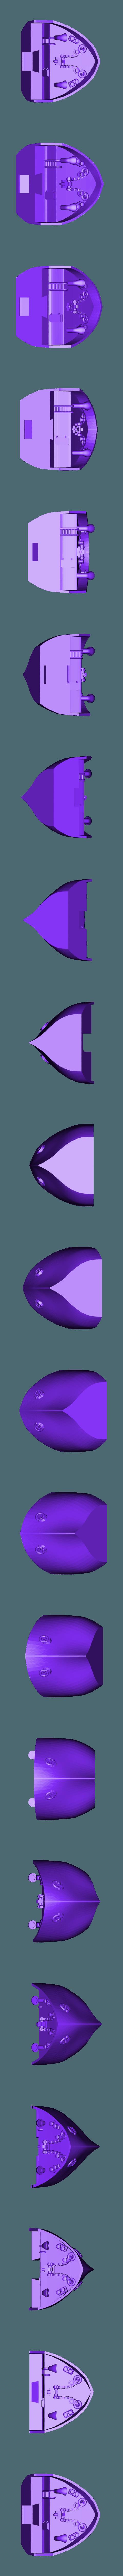 cas_modular_bug_top.stl Download free STL file CAS - the modular xyz-cube cargo ship • 3D printing template, vandragon_de